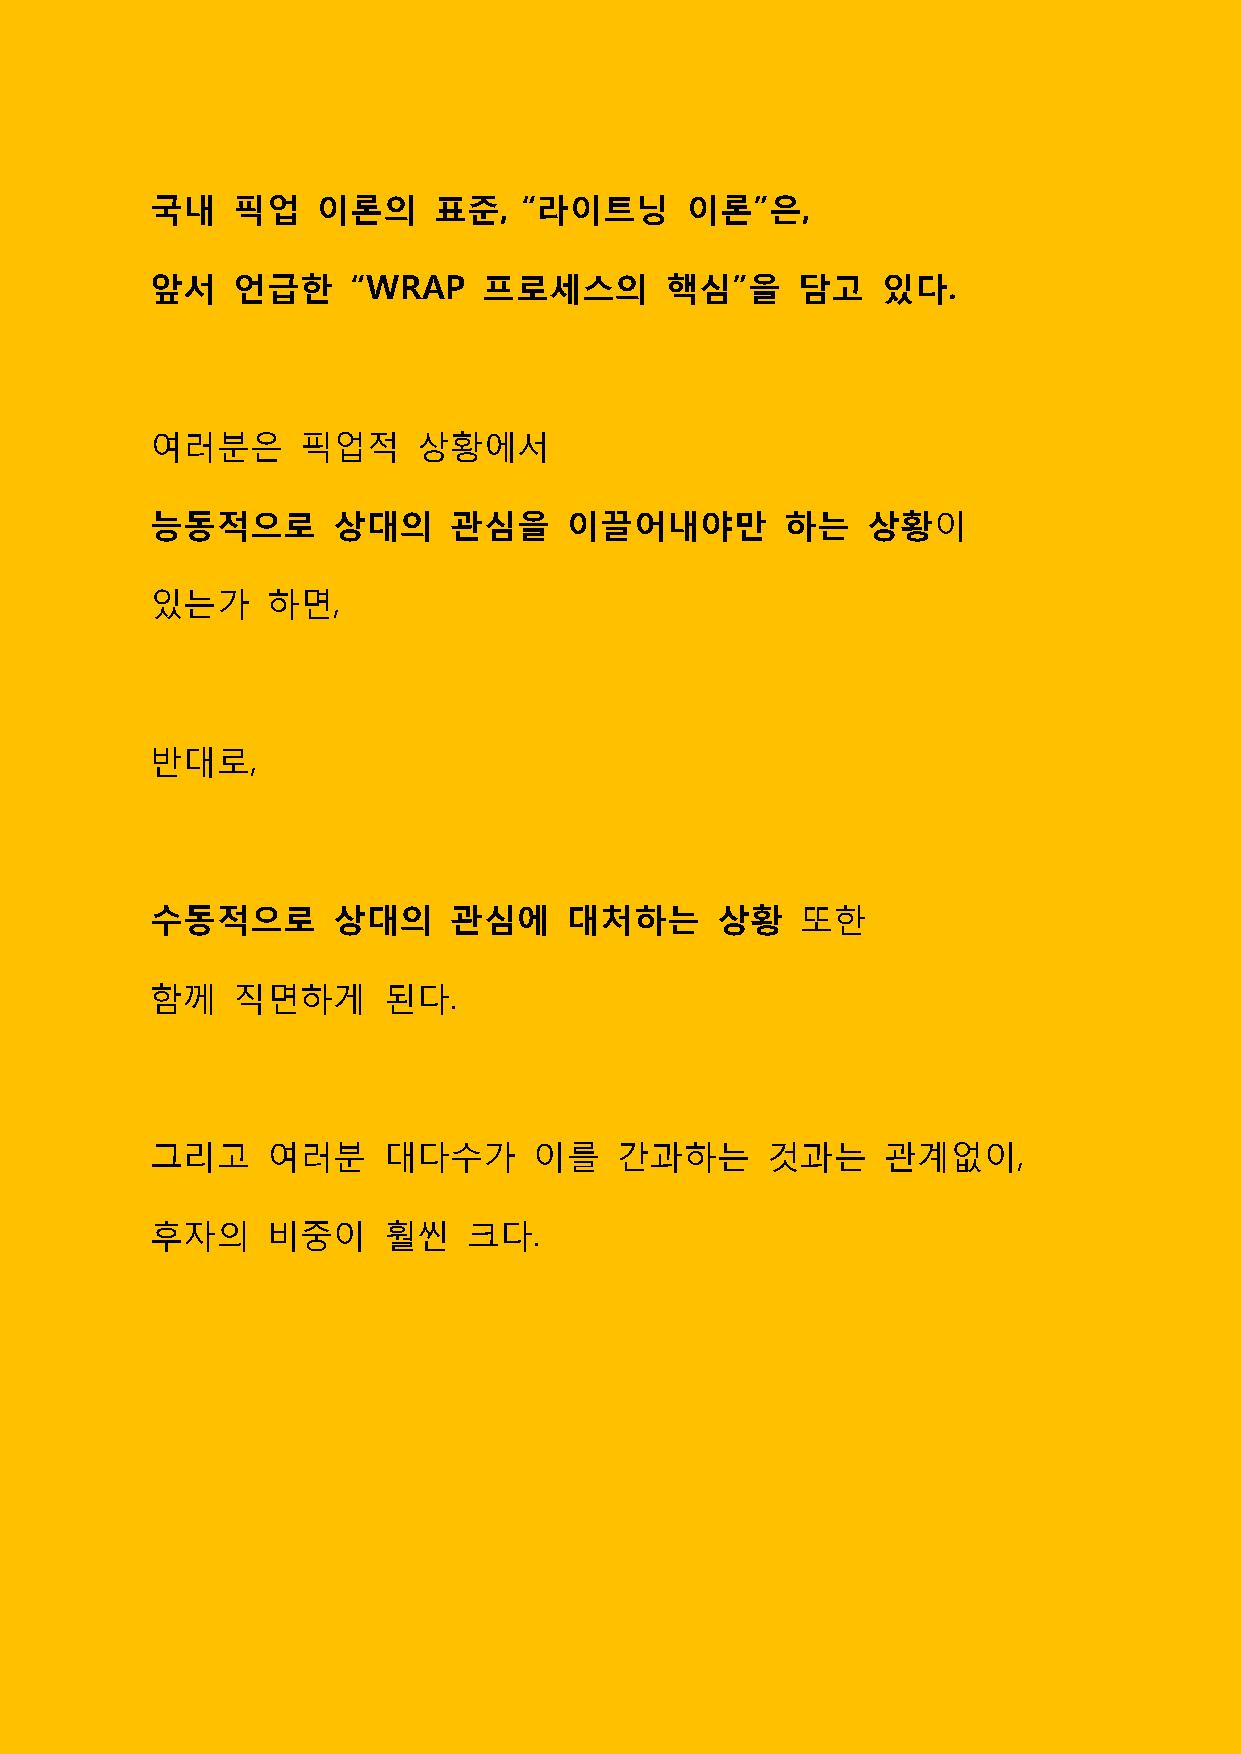 라이트닝_Page_14.png